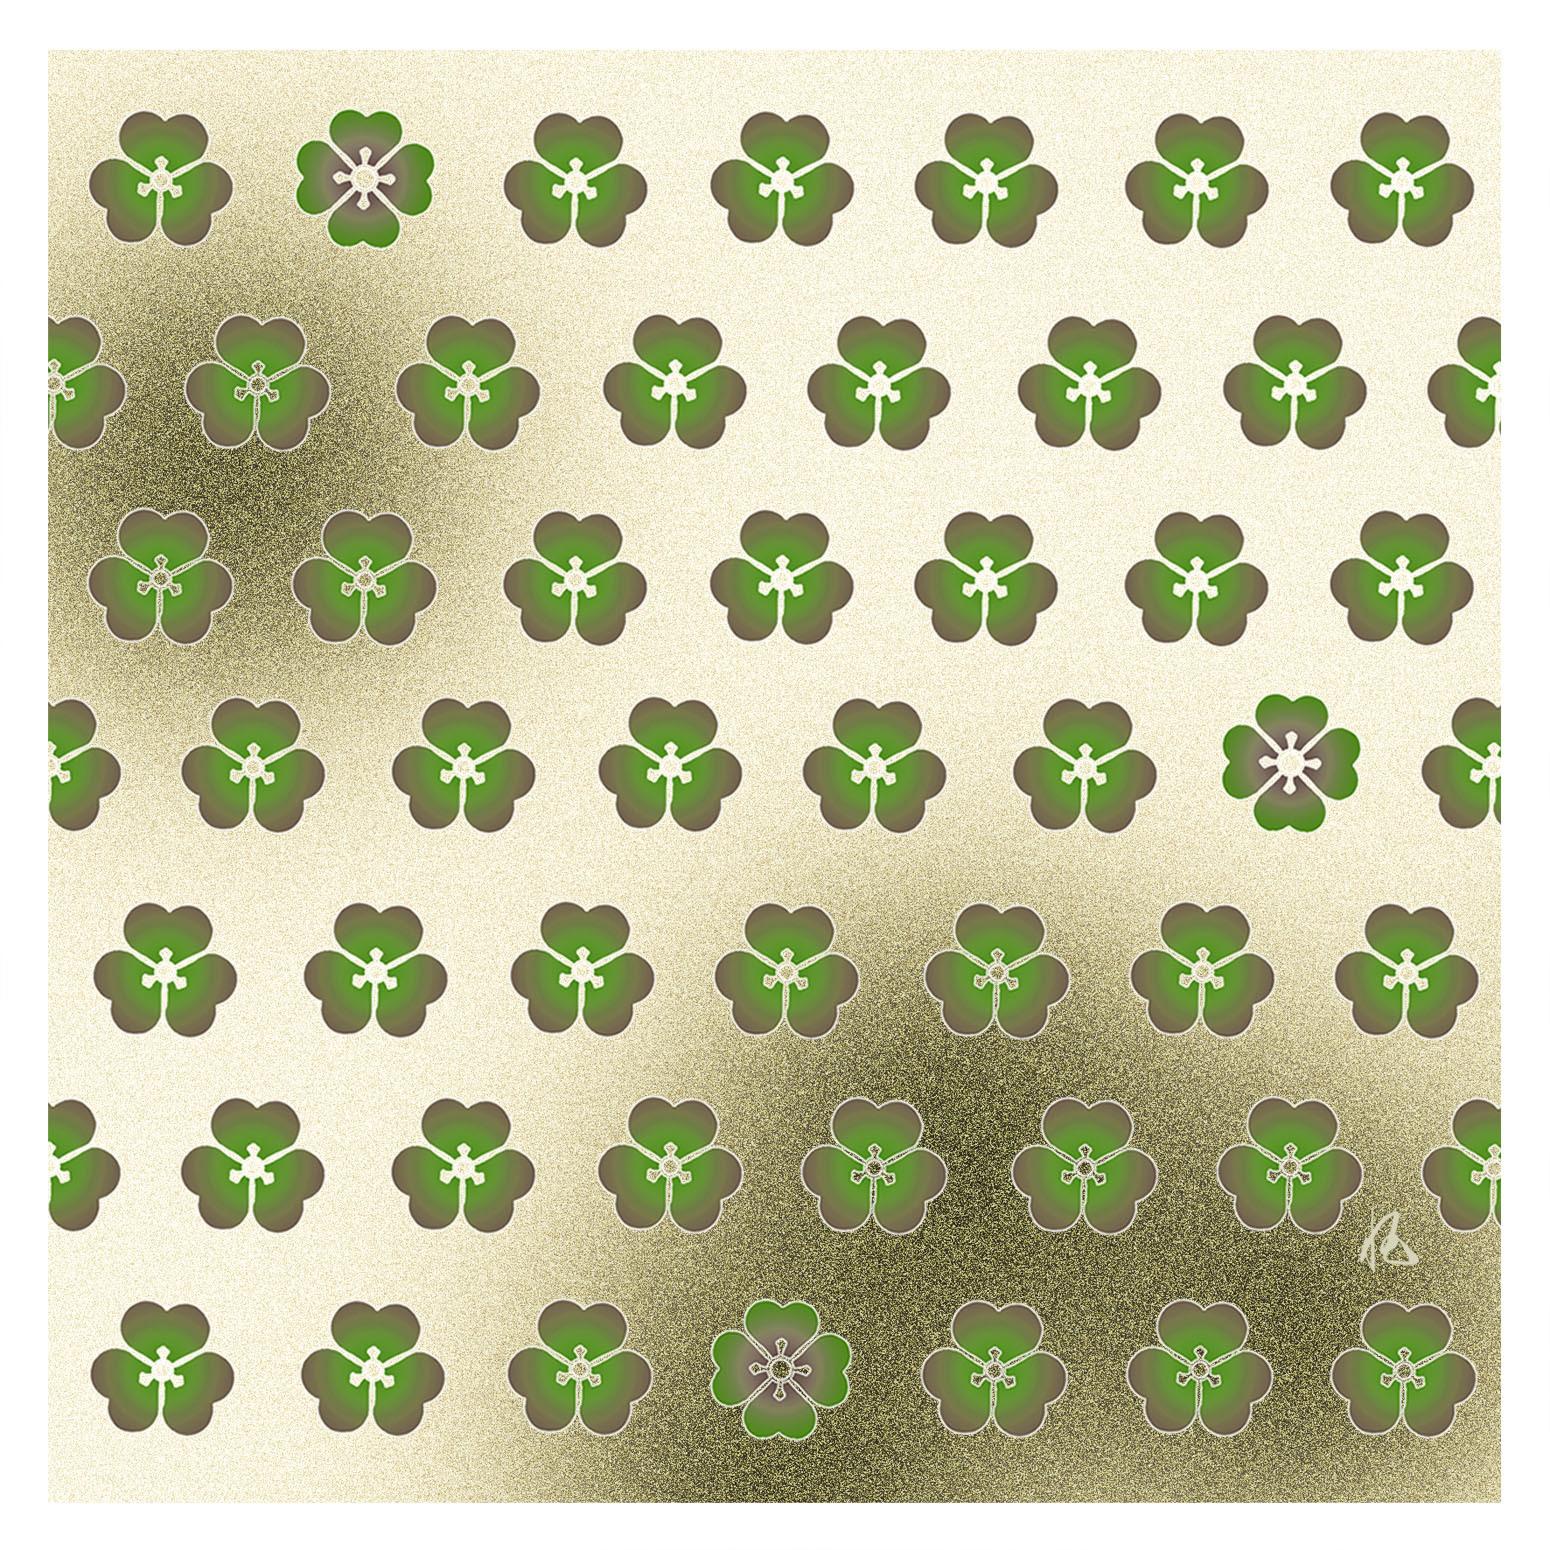 ガラス皿「そめゆら」K-01 かたばみ紋